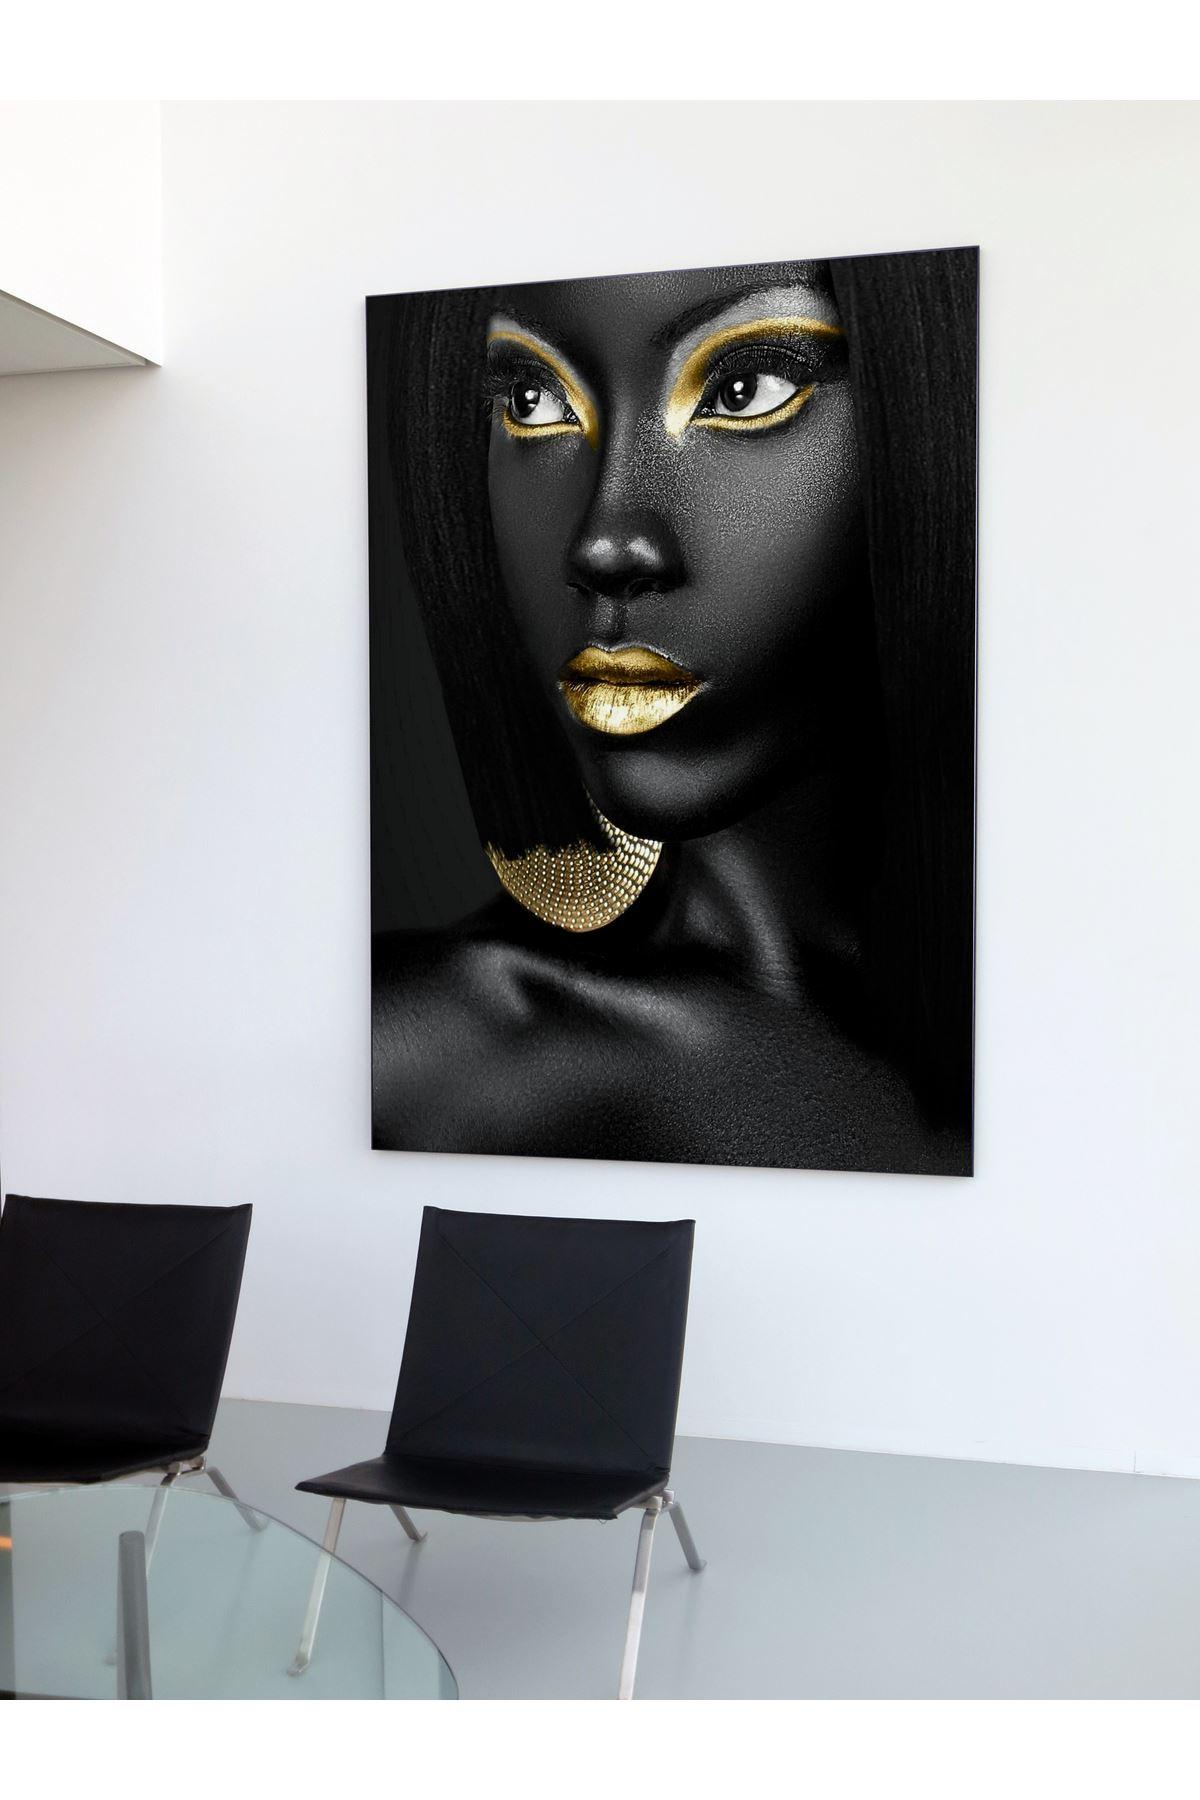 Black Skin Woman And Golden Makeup, Siyah Tenli Kadın Ve Altın Makyaj